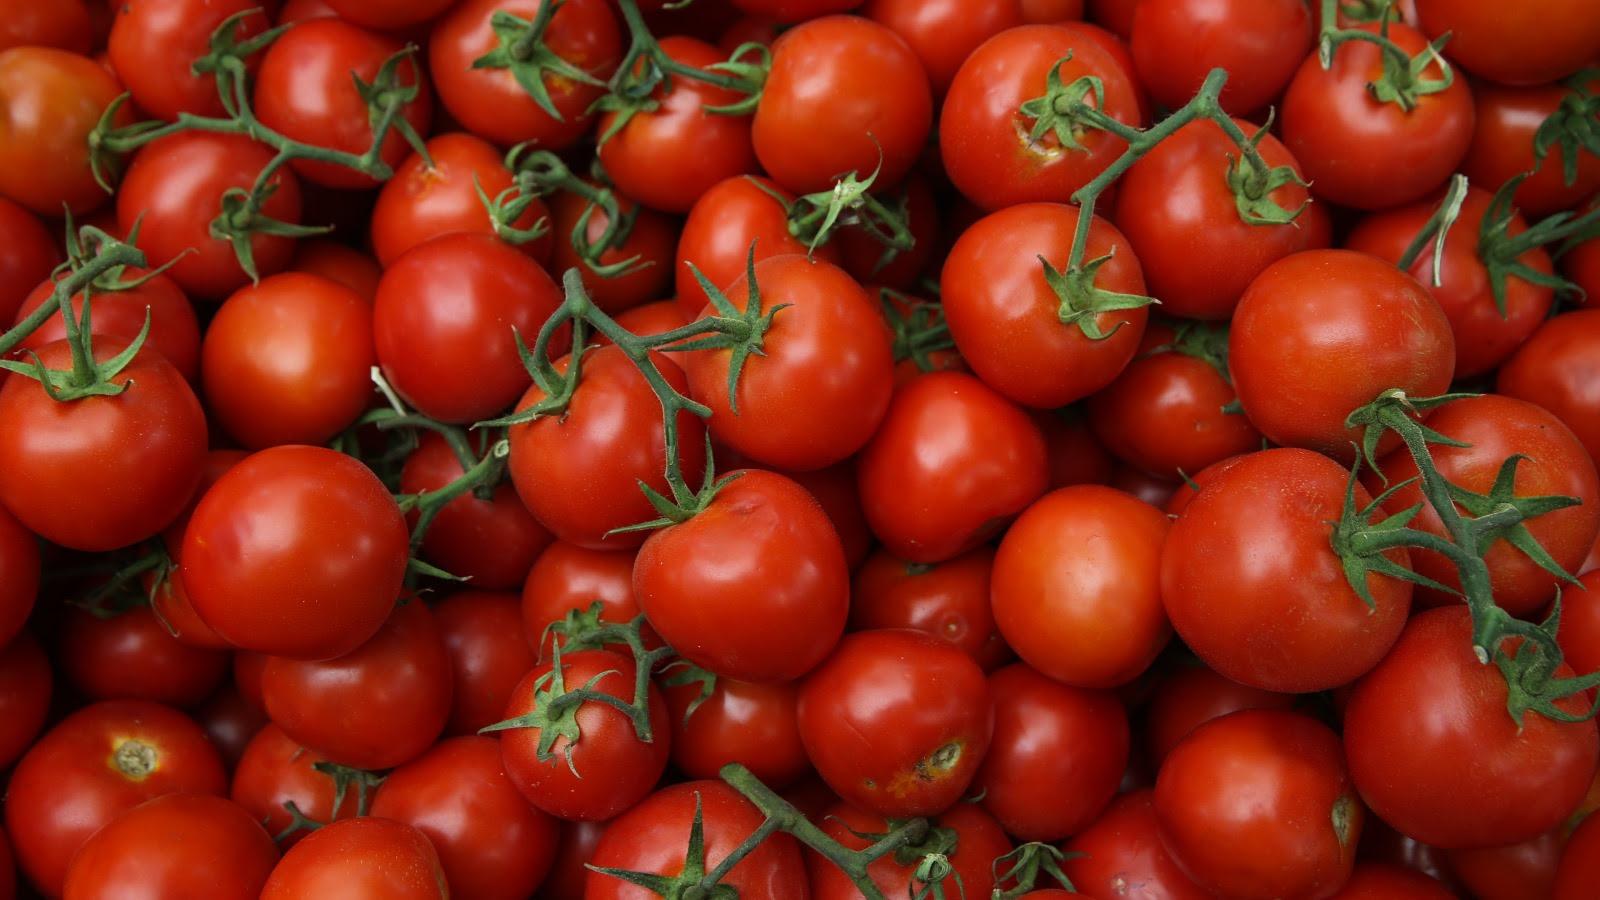 f90-tomatoes.jpg